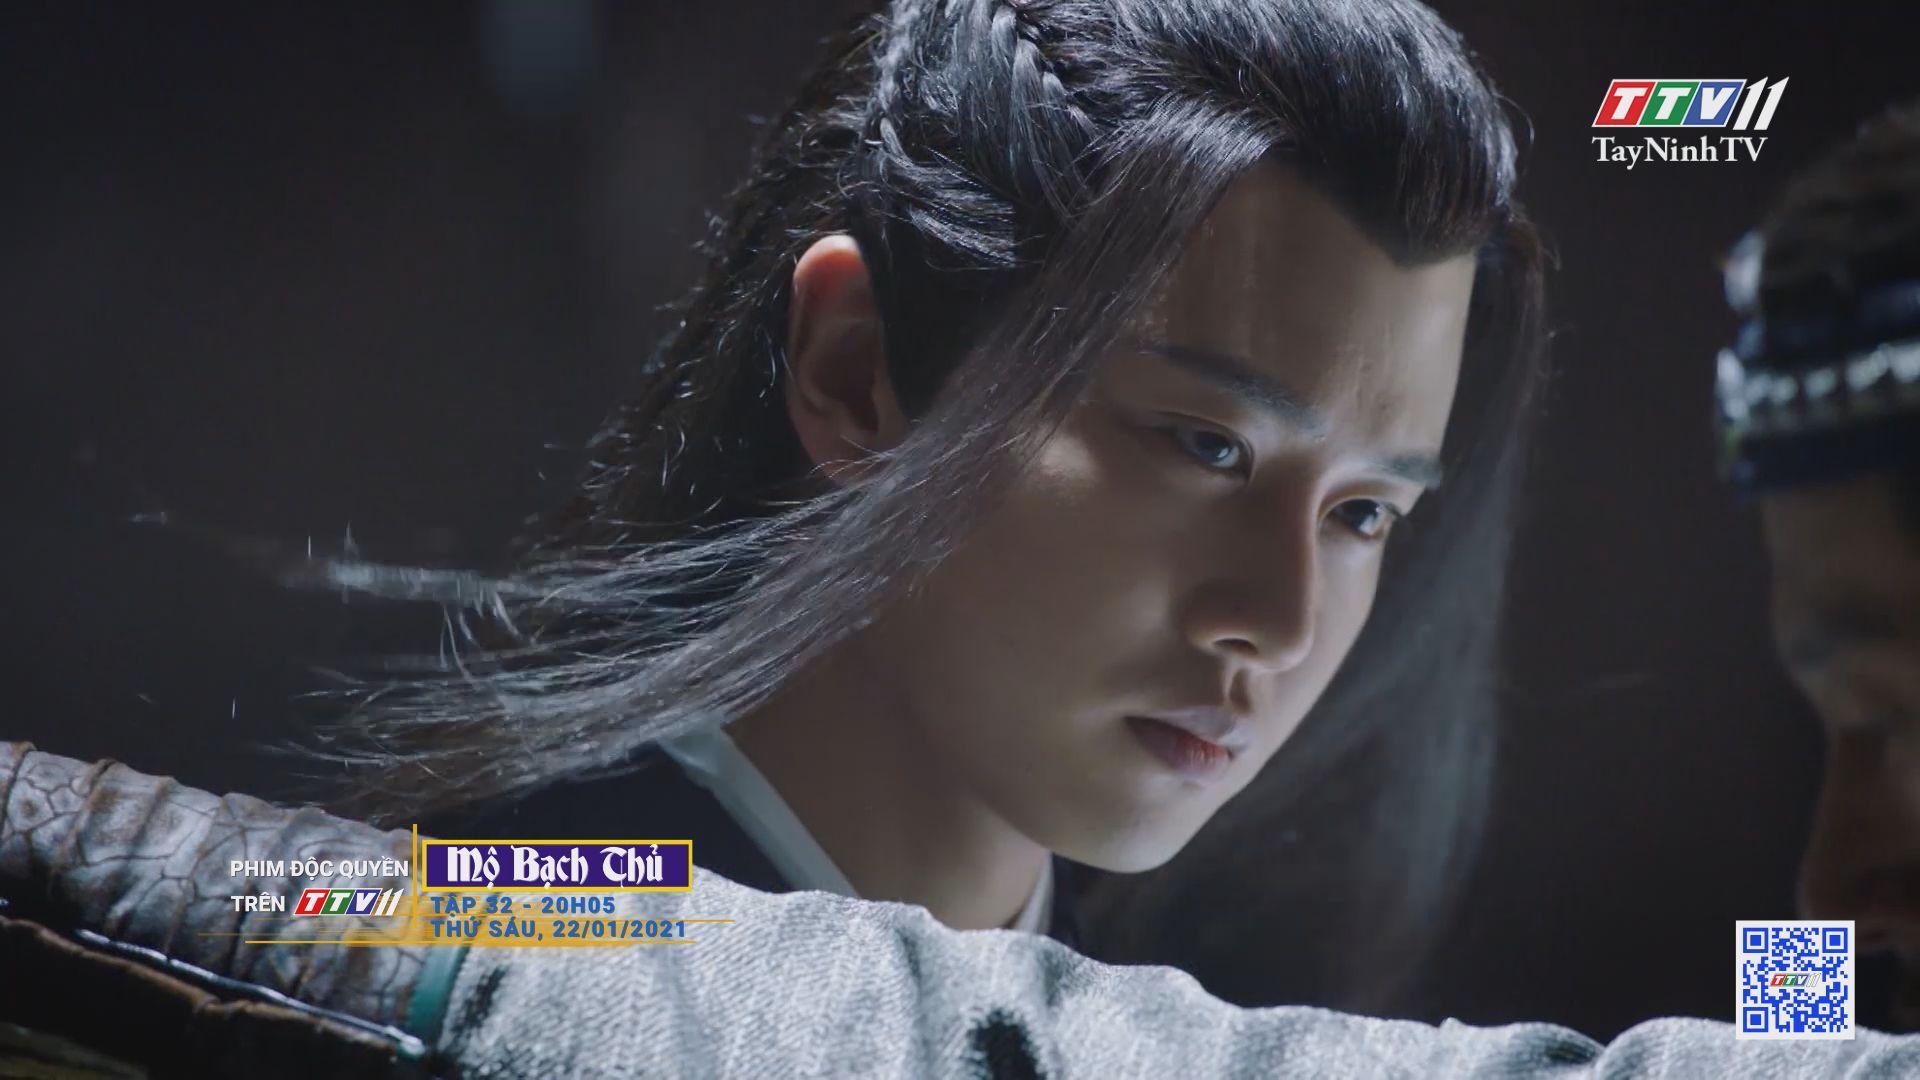 Mộ Bạch Thủ-TẬP 32 trailer | PHIM MỘ BẠCH THỦ | TayNinhTV